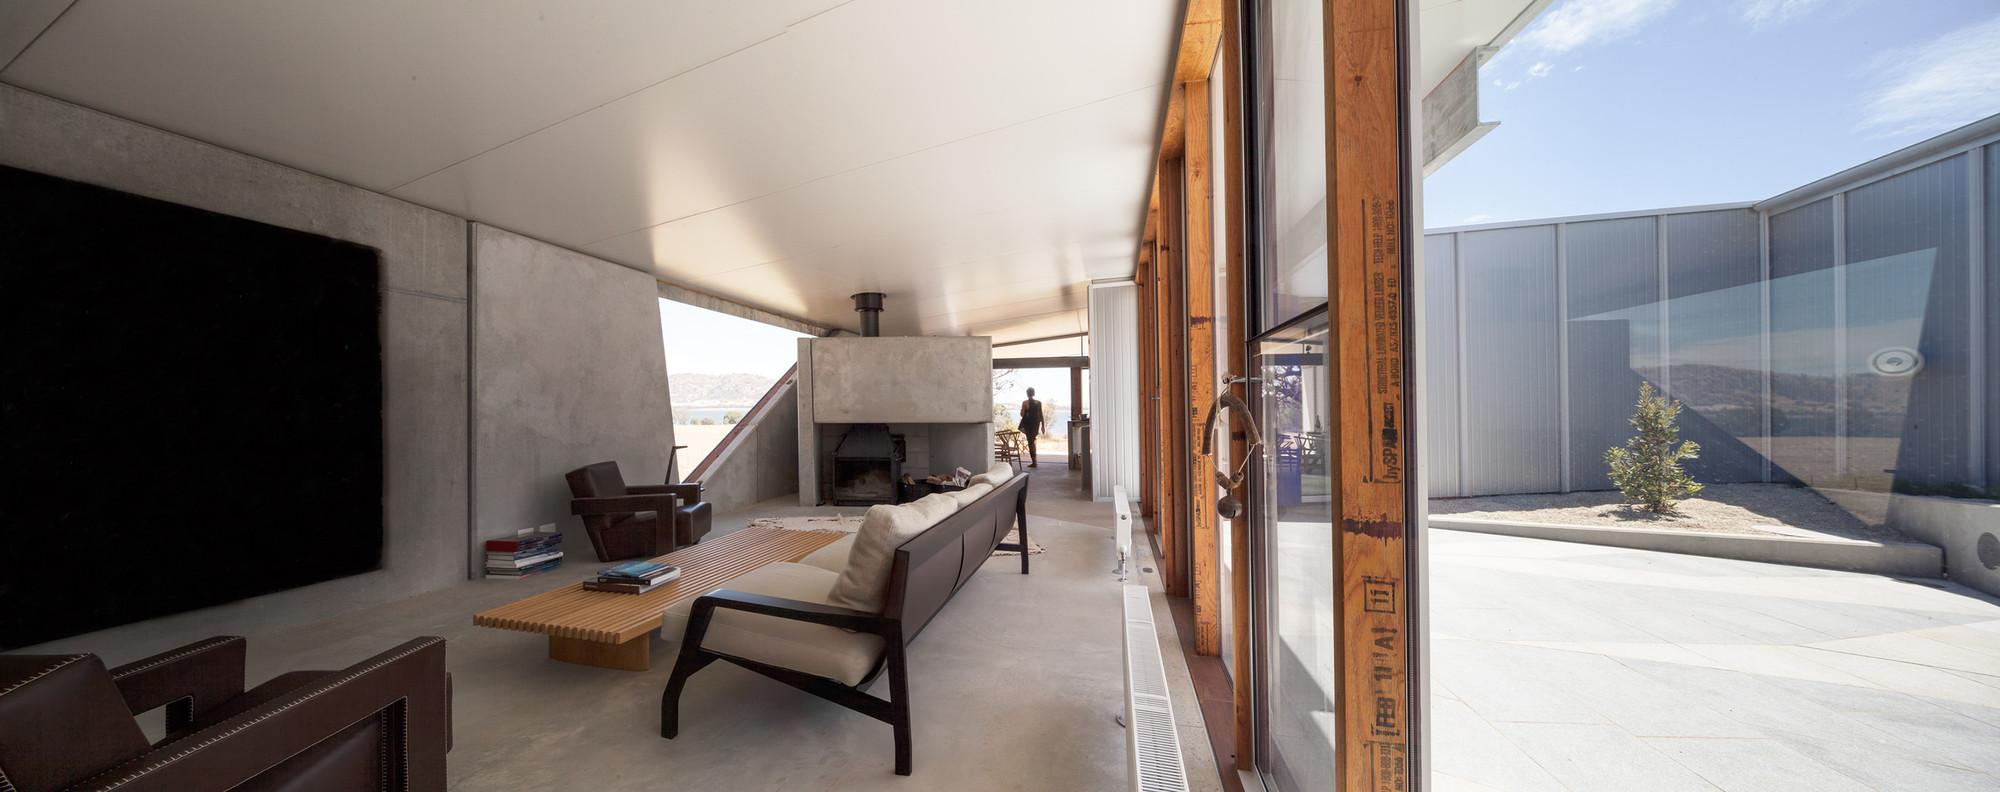 Bethanga House  /  t UG workshop, © Trevor Mein